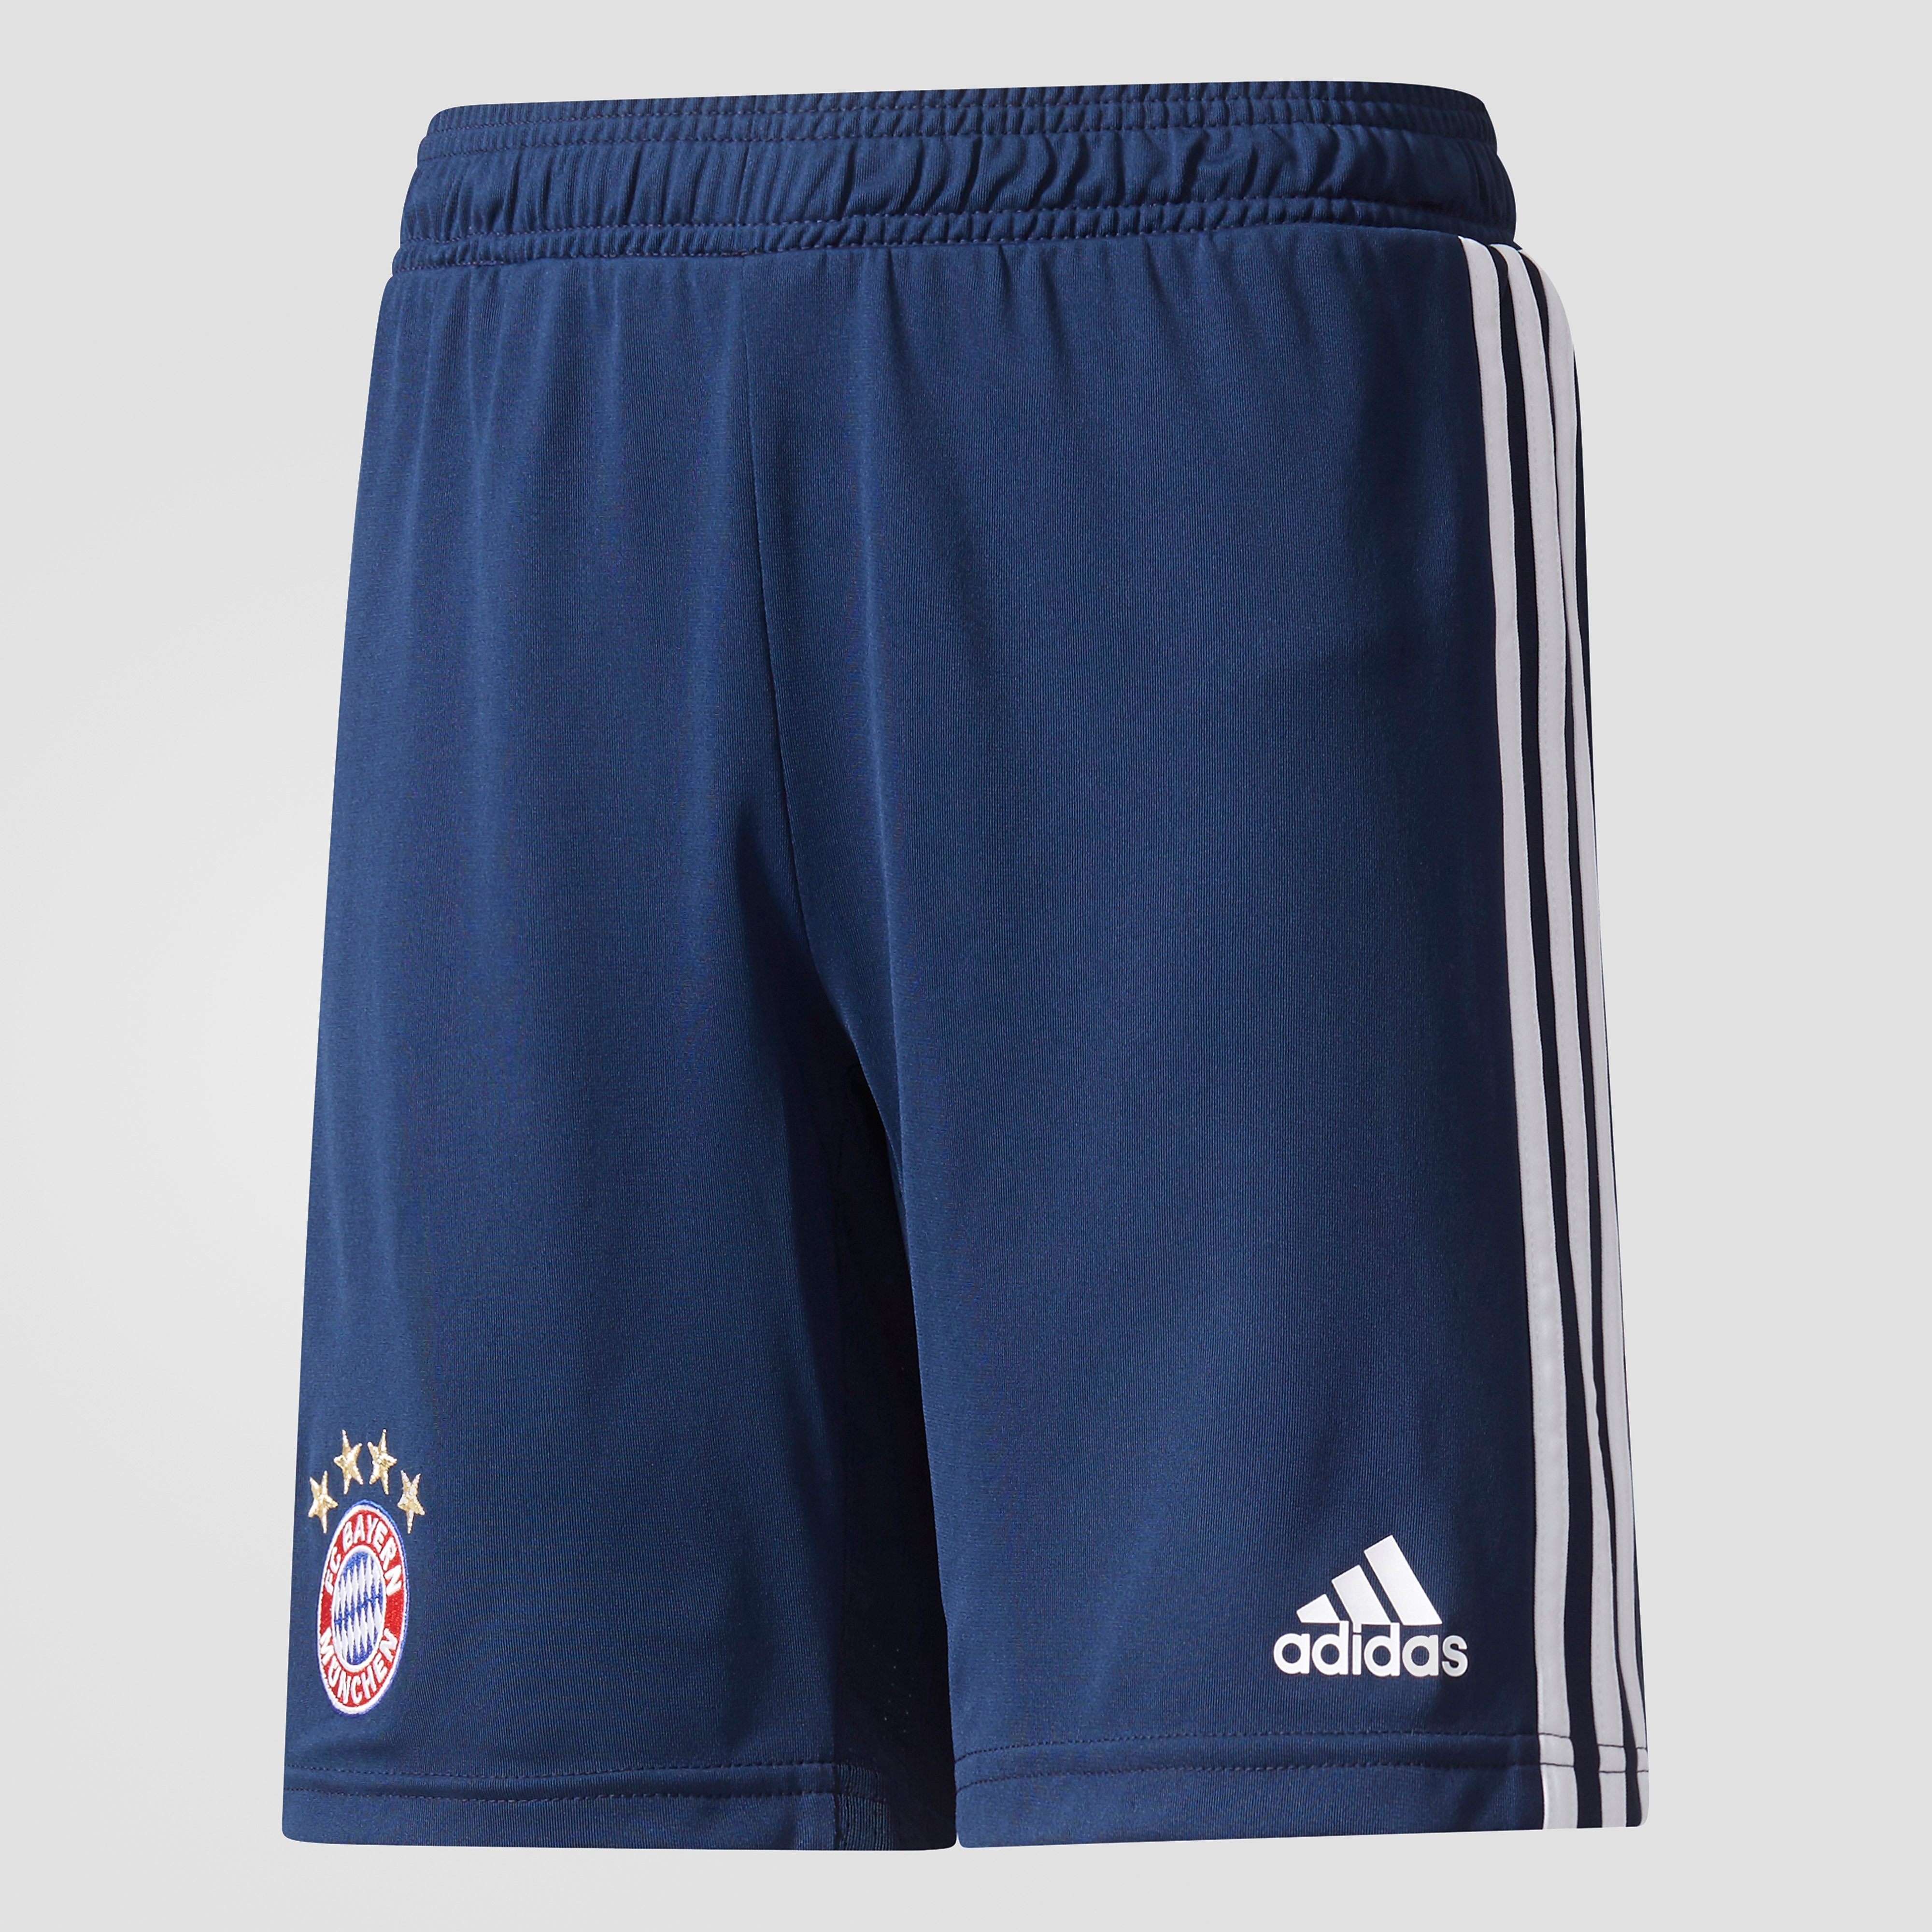 ADIDAS FC BAYERN MÜNCHEN TRAININGSSHORT 17/18 BLAUW KINDEREN